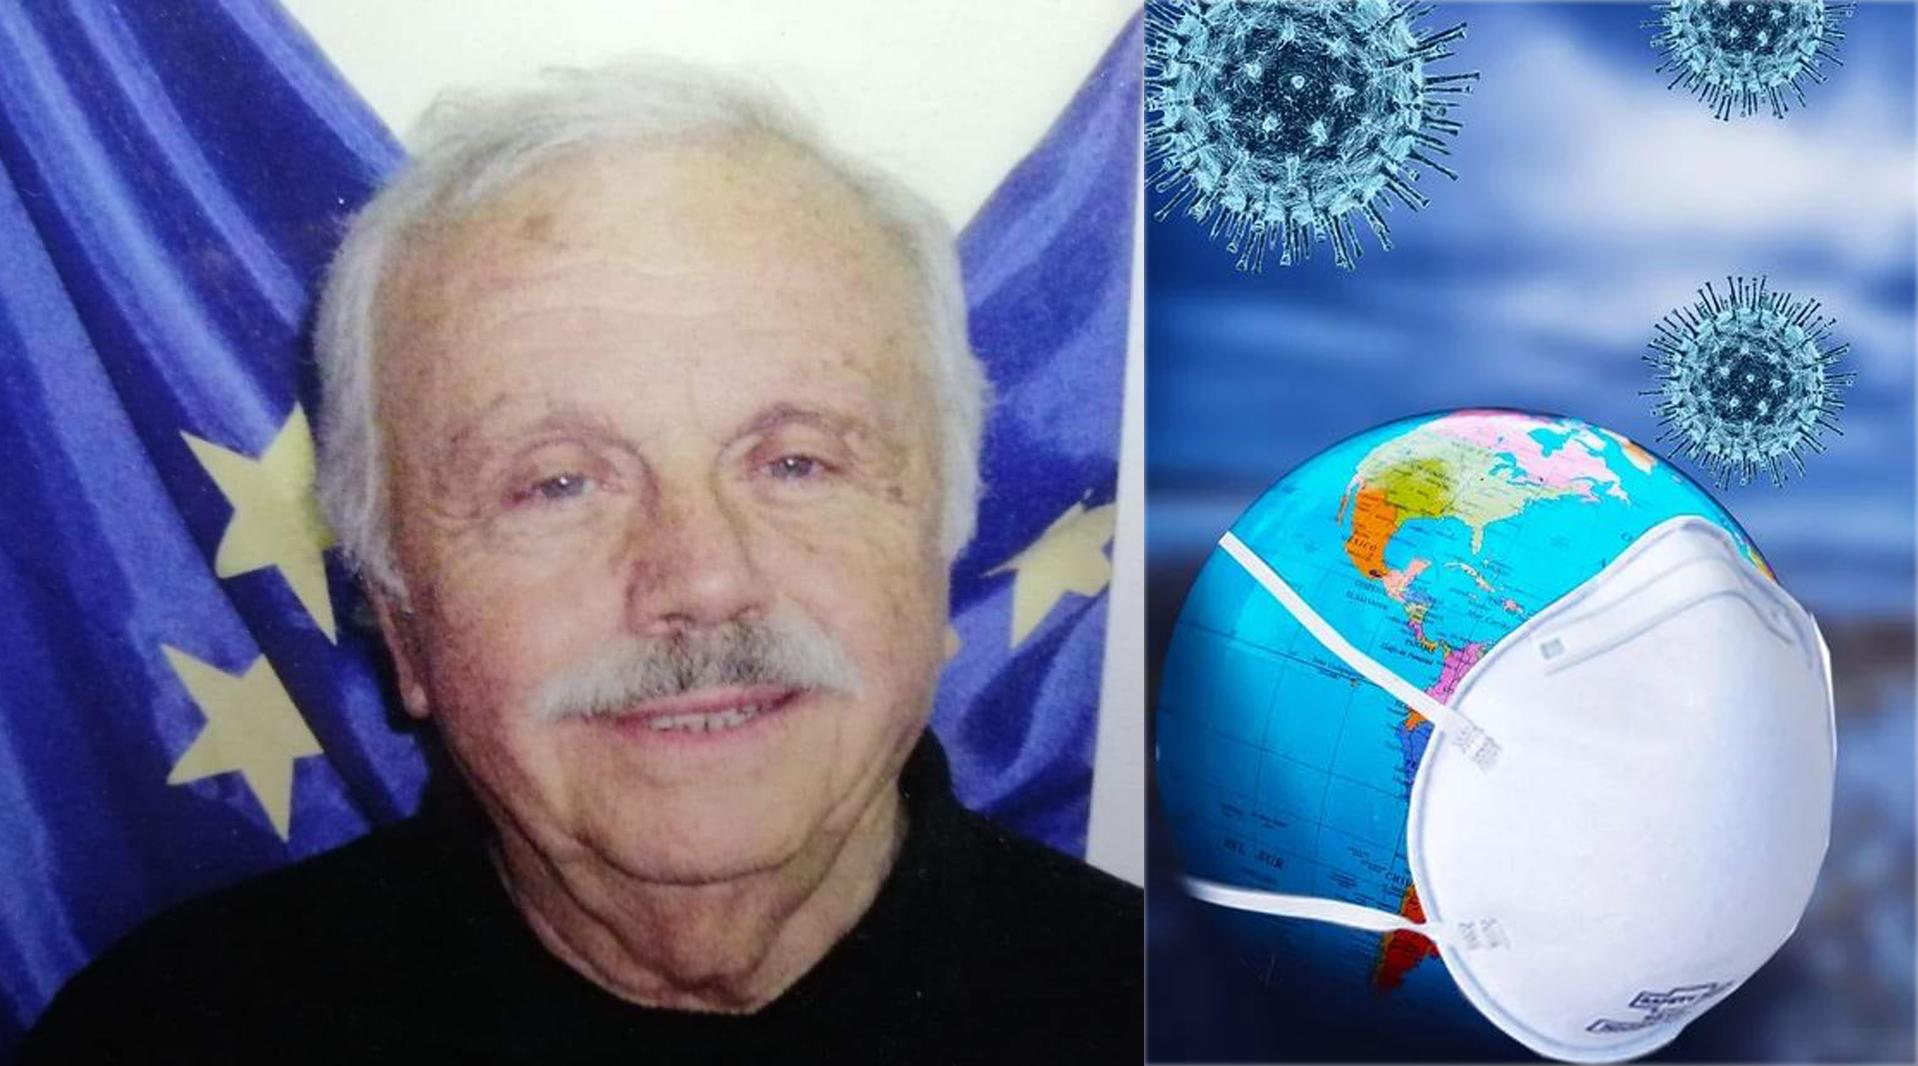 Medicul Gheorghe Şoană a murit după ce s-a vindecat de COVID-19. E șocant ce au spus colegii săi despre cauza morții - Cancan.ro